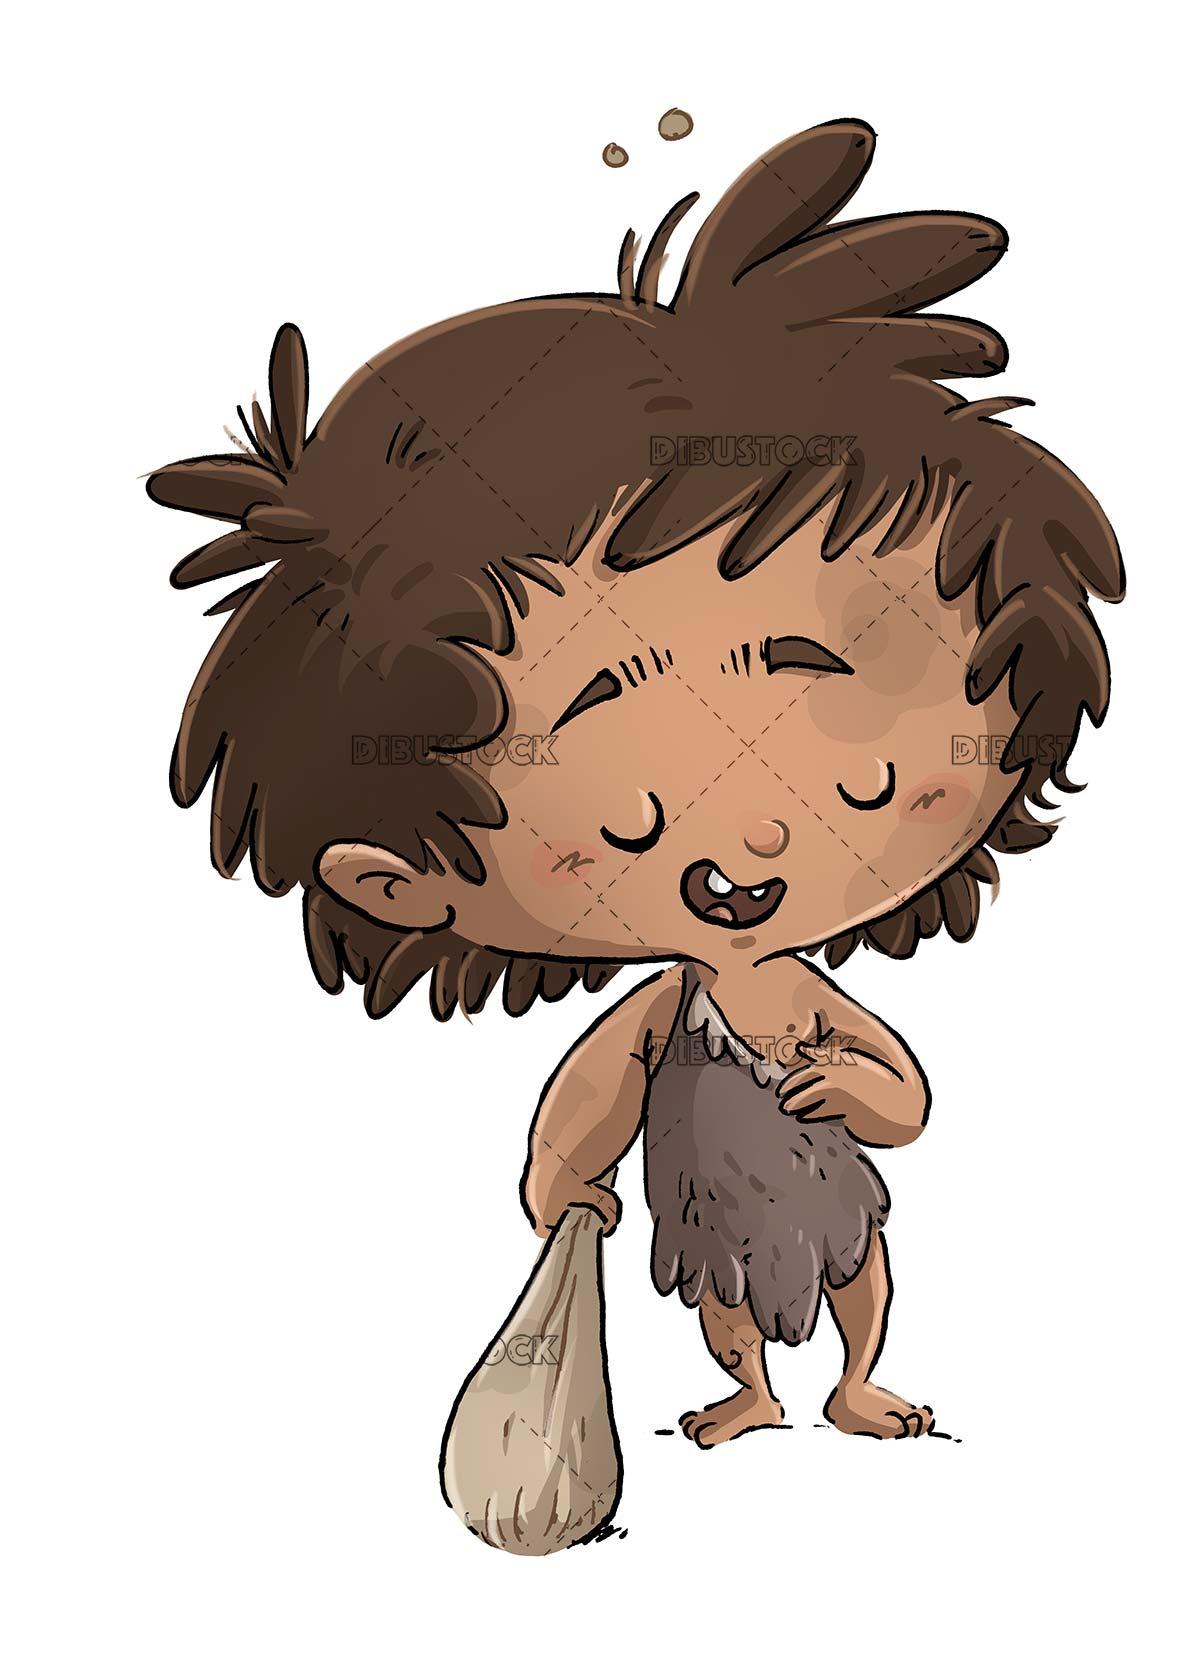 boy dressed as a caveman